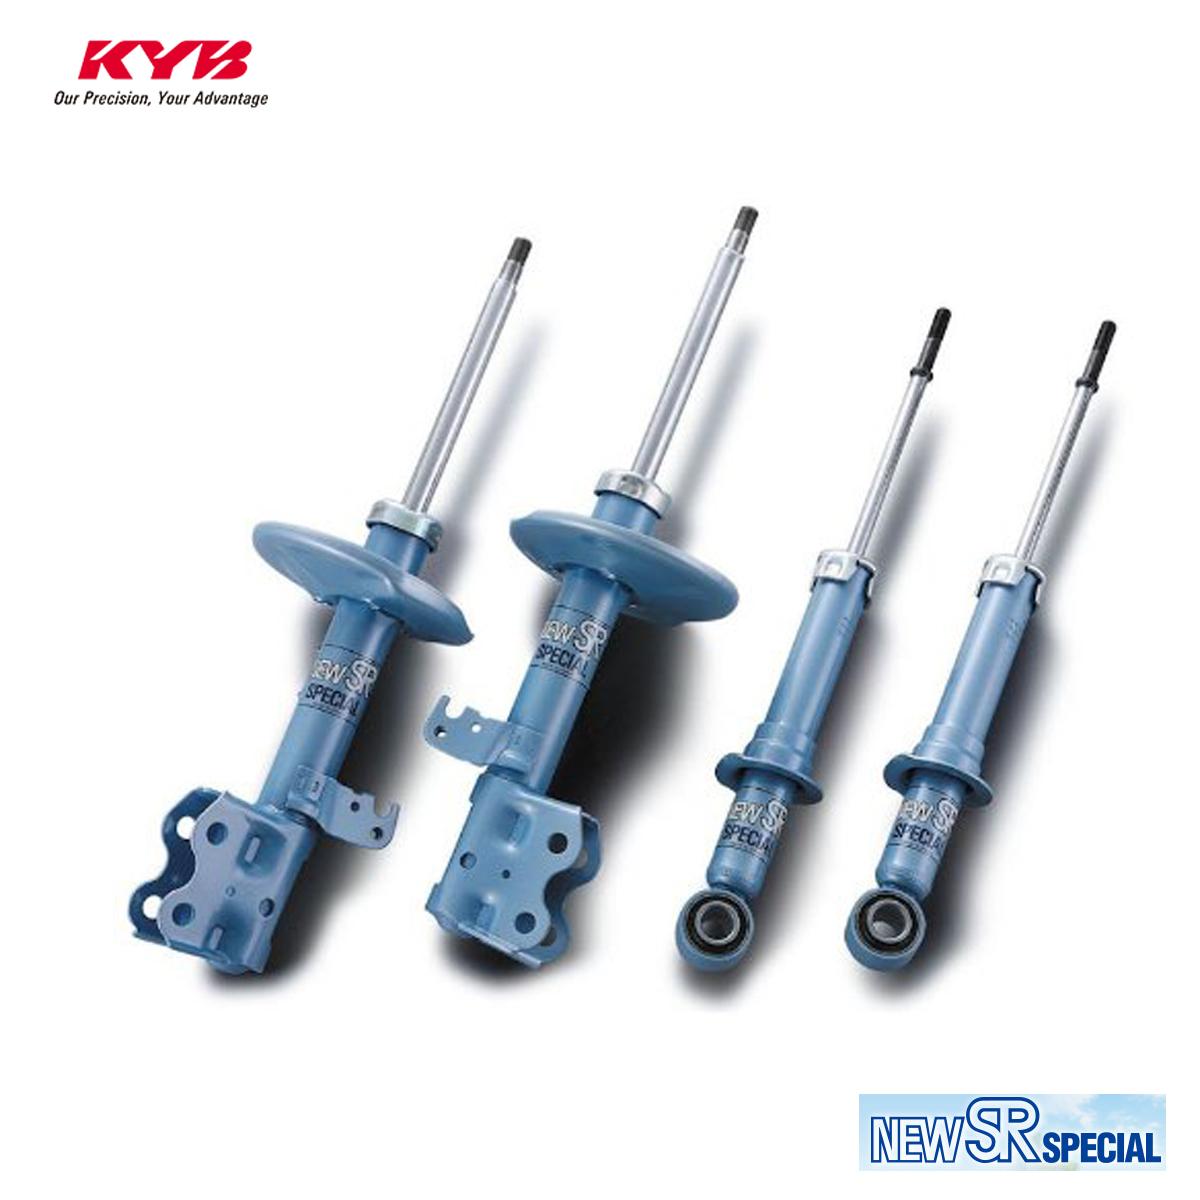 KYB カヤバ グランビア KCH16W ショックアブソーバー 1台分 NEW SR SPECIAL NS-2029X2035 配送先条件有り